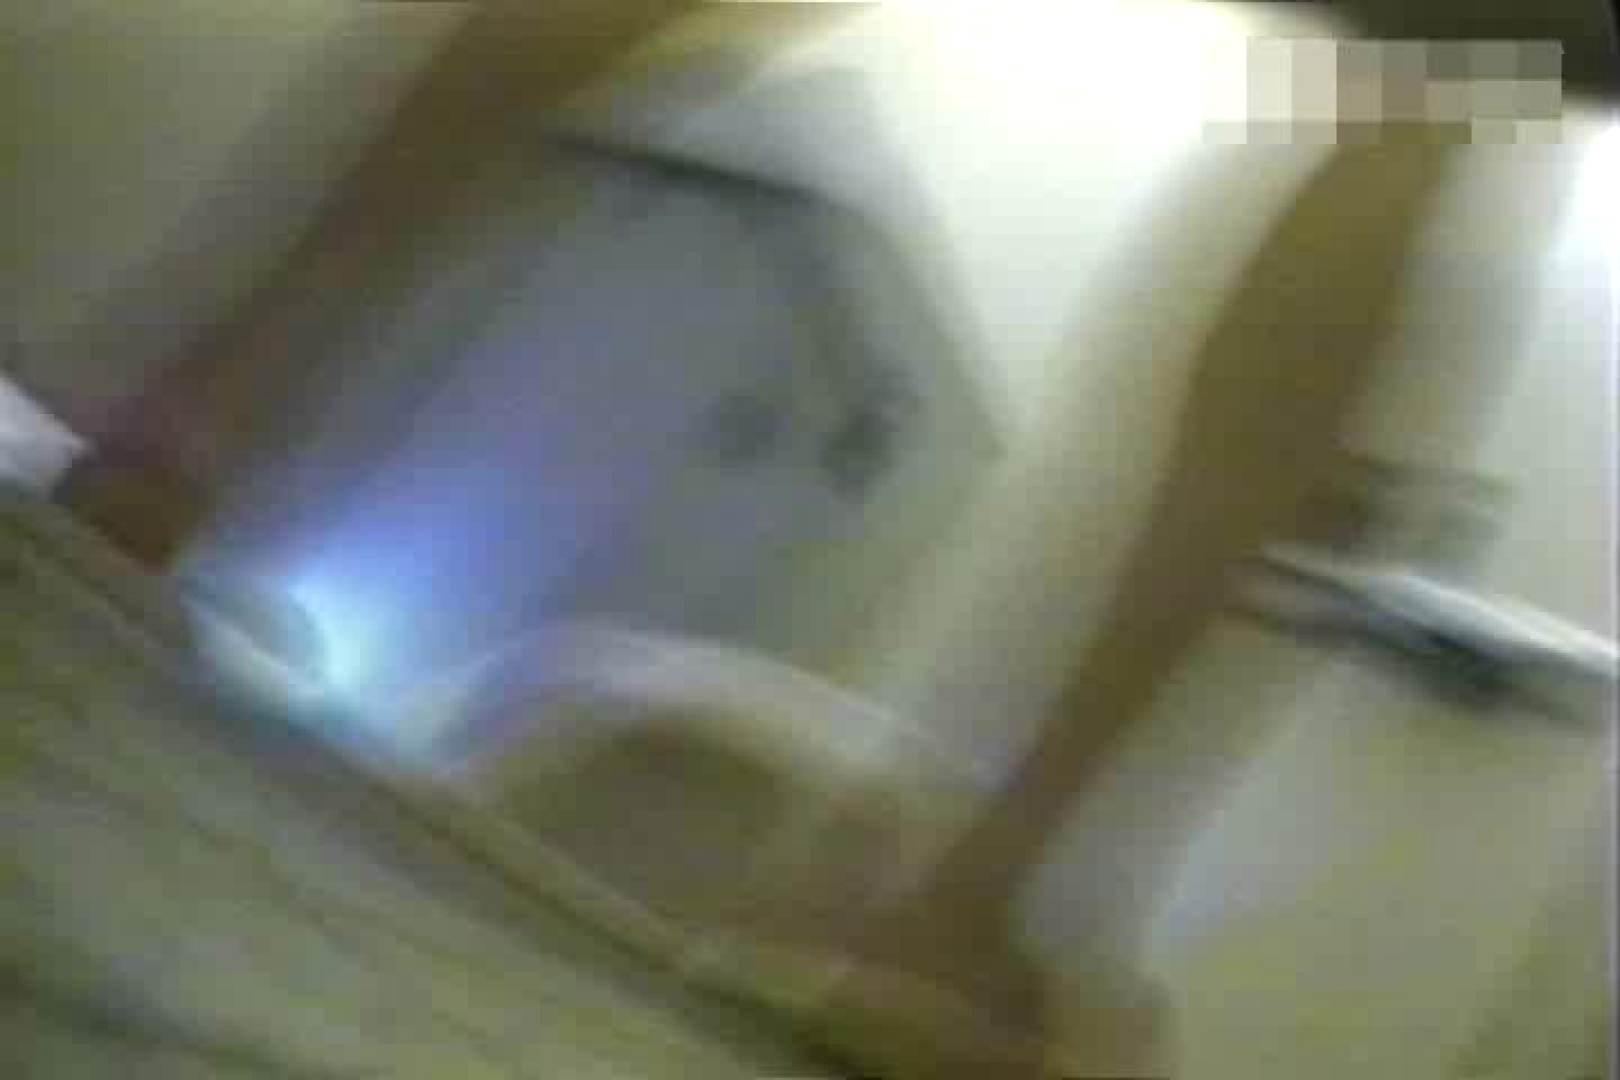 個室狂いのマニア映像Vol.2 OLセックス  98画像 76